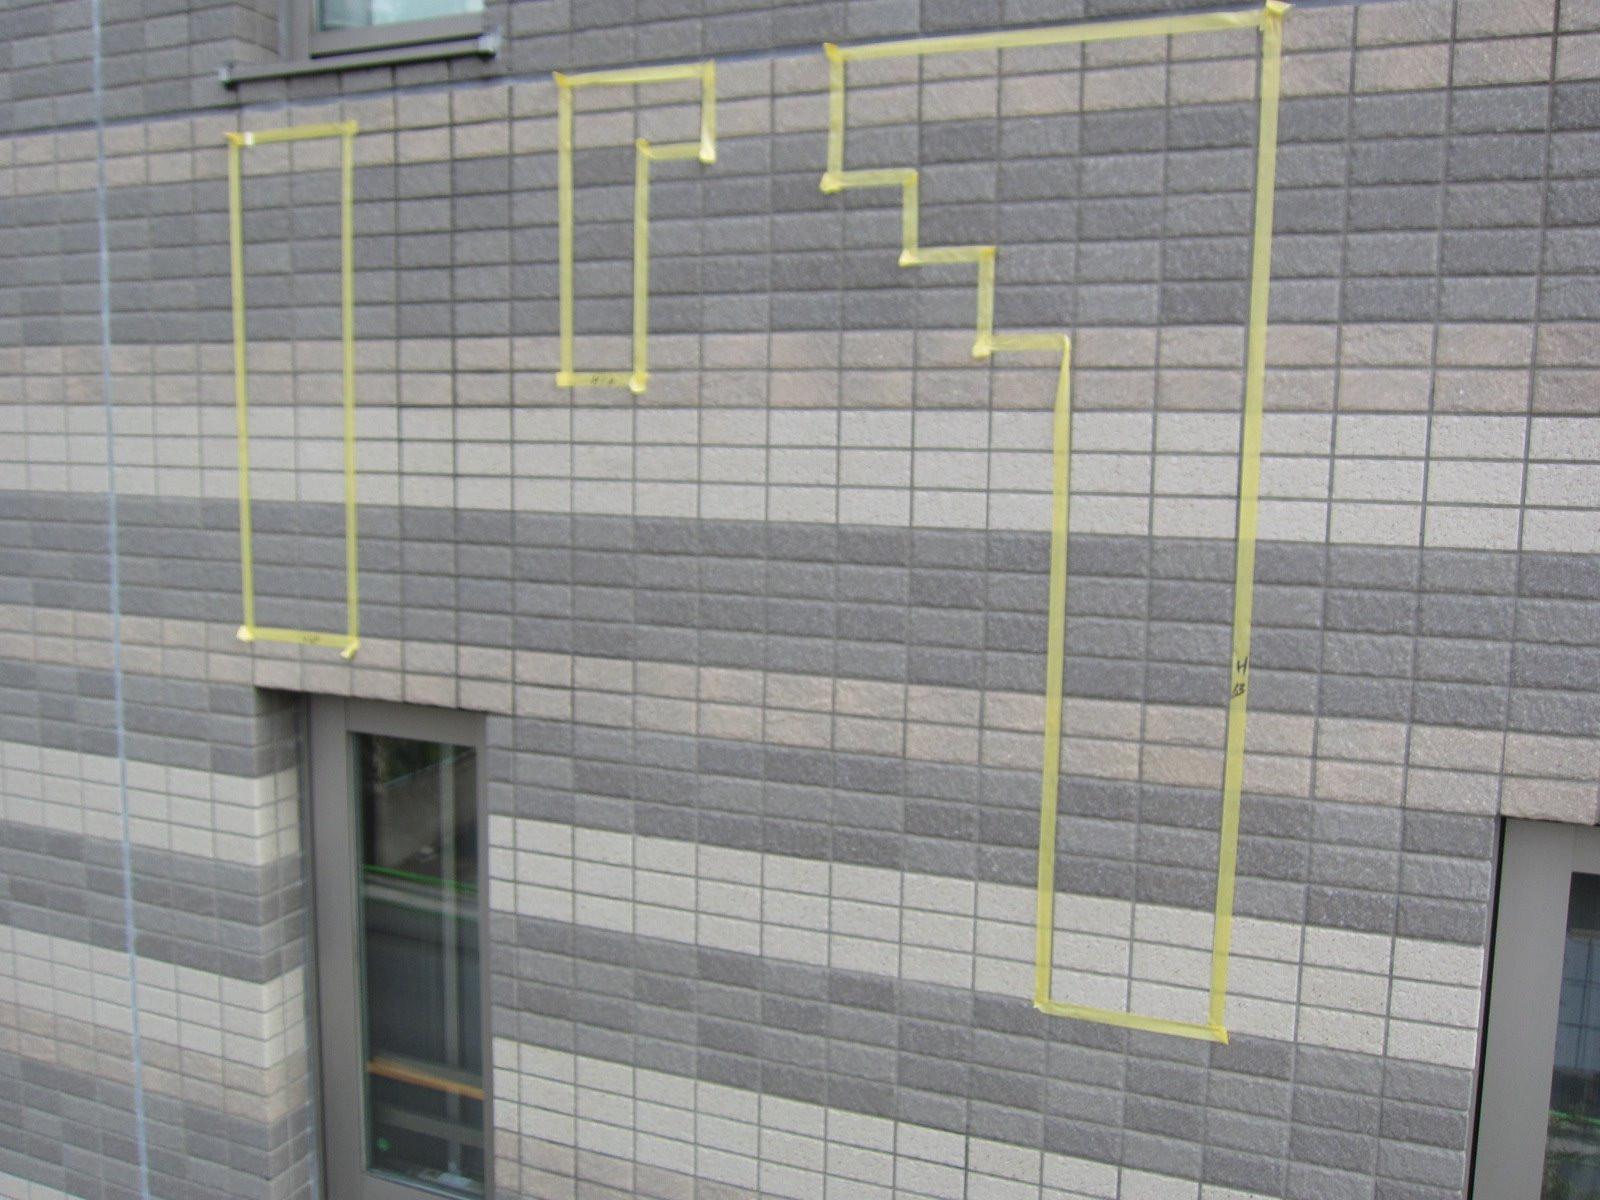 板橋区/マンション   ◆外壁打診調査画像